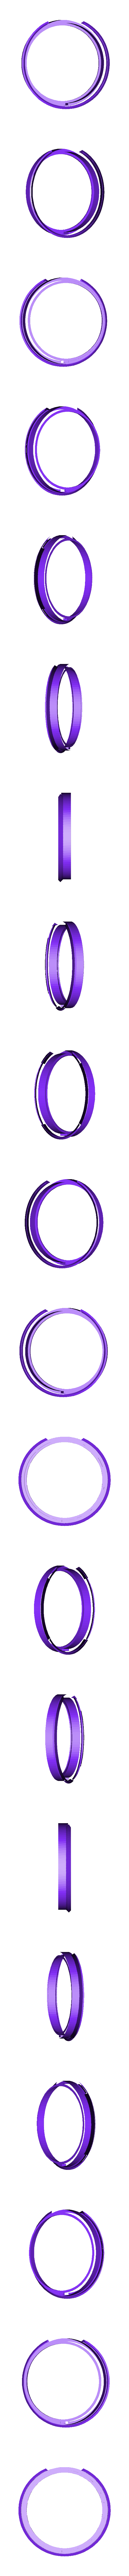 ic-case-top.stl Télécharger fichier STL gratuit Miroir Infini • Objet à imprimer en 3D, Adafruit